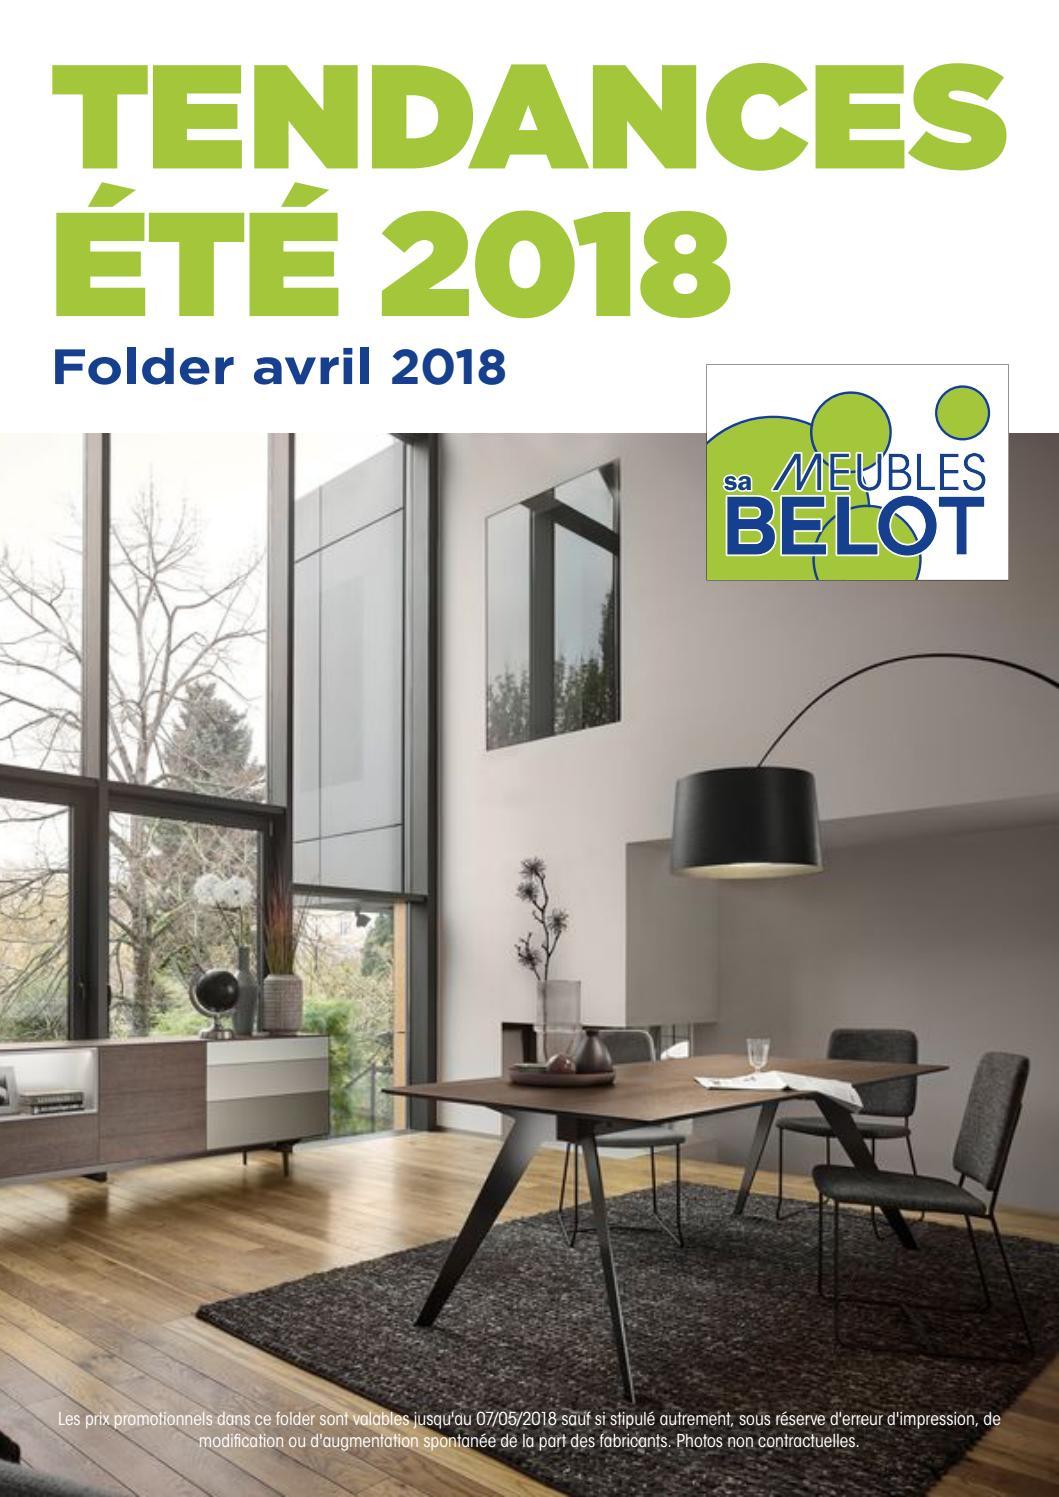 Meubles Folder 2018 By Belot SaIssuu Tendances Avril UzpqSMV